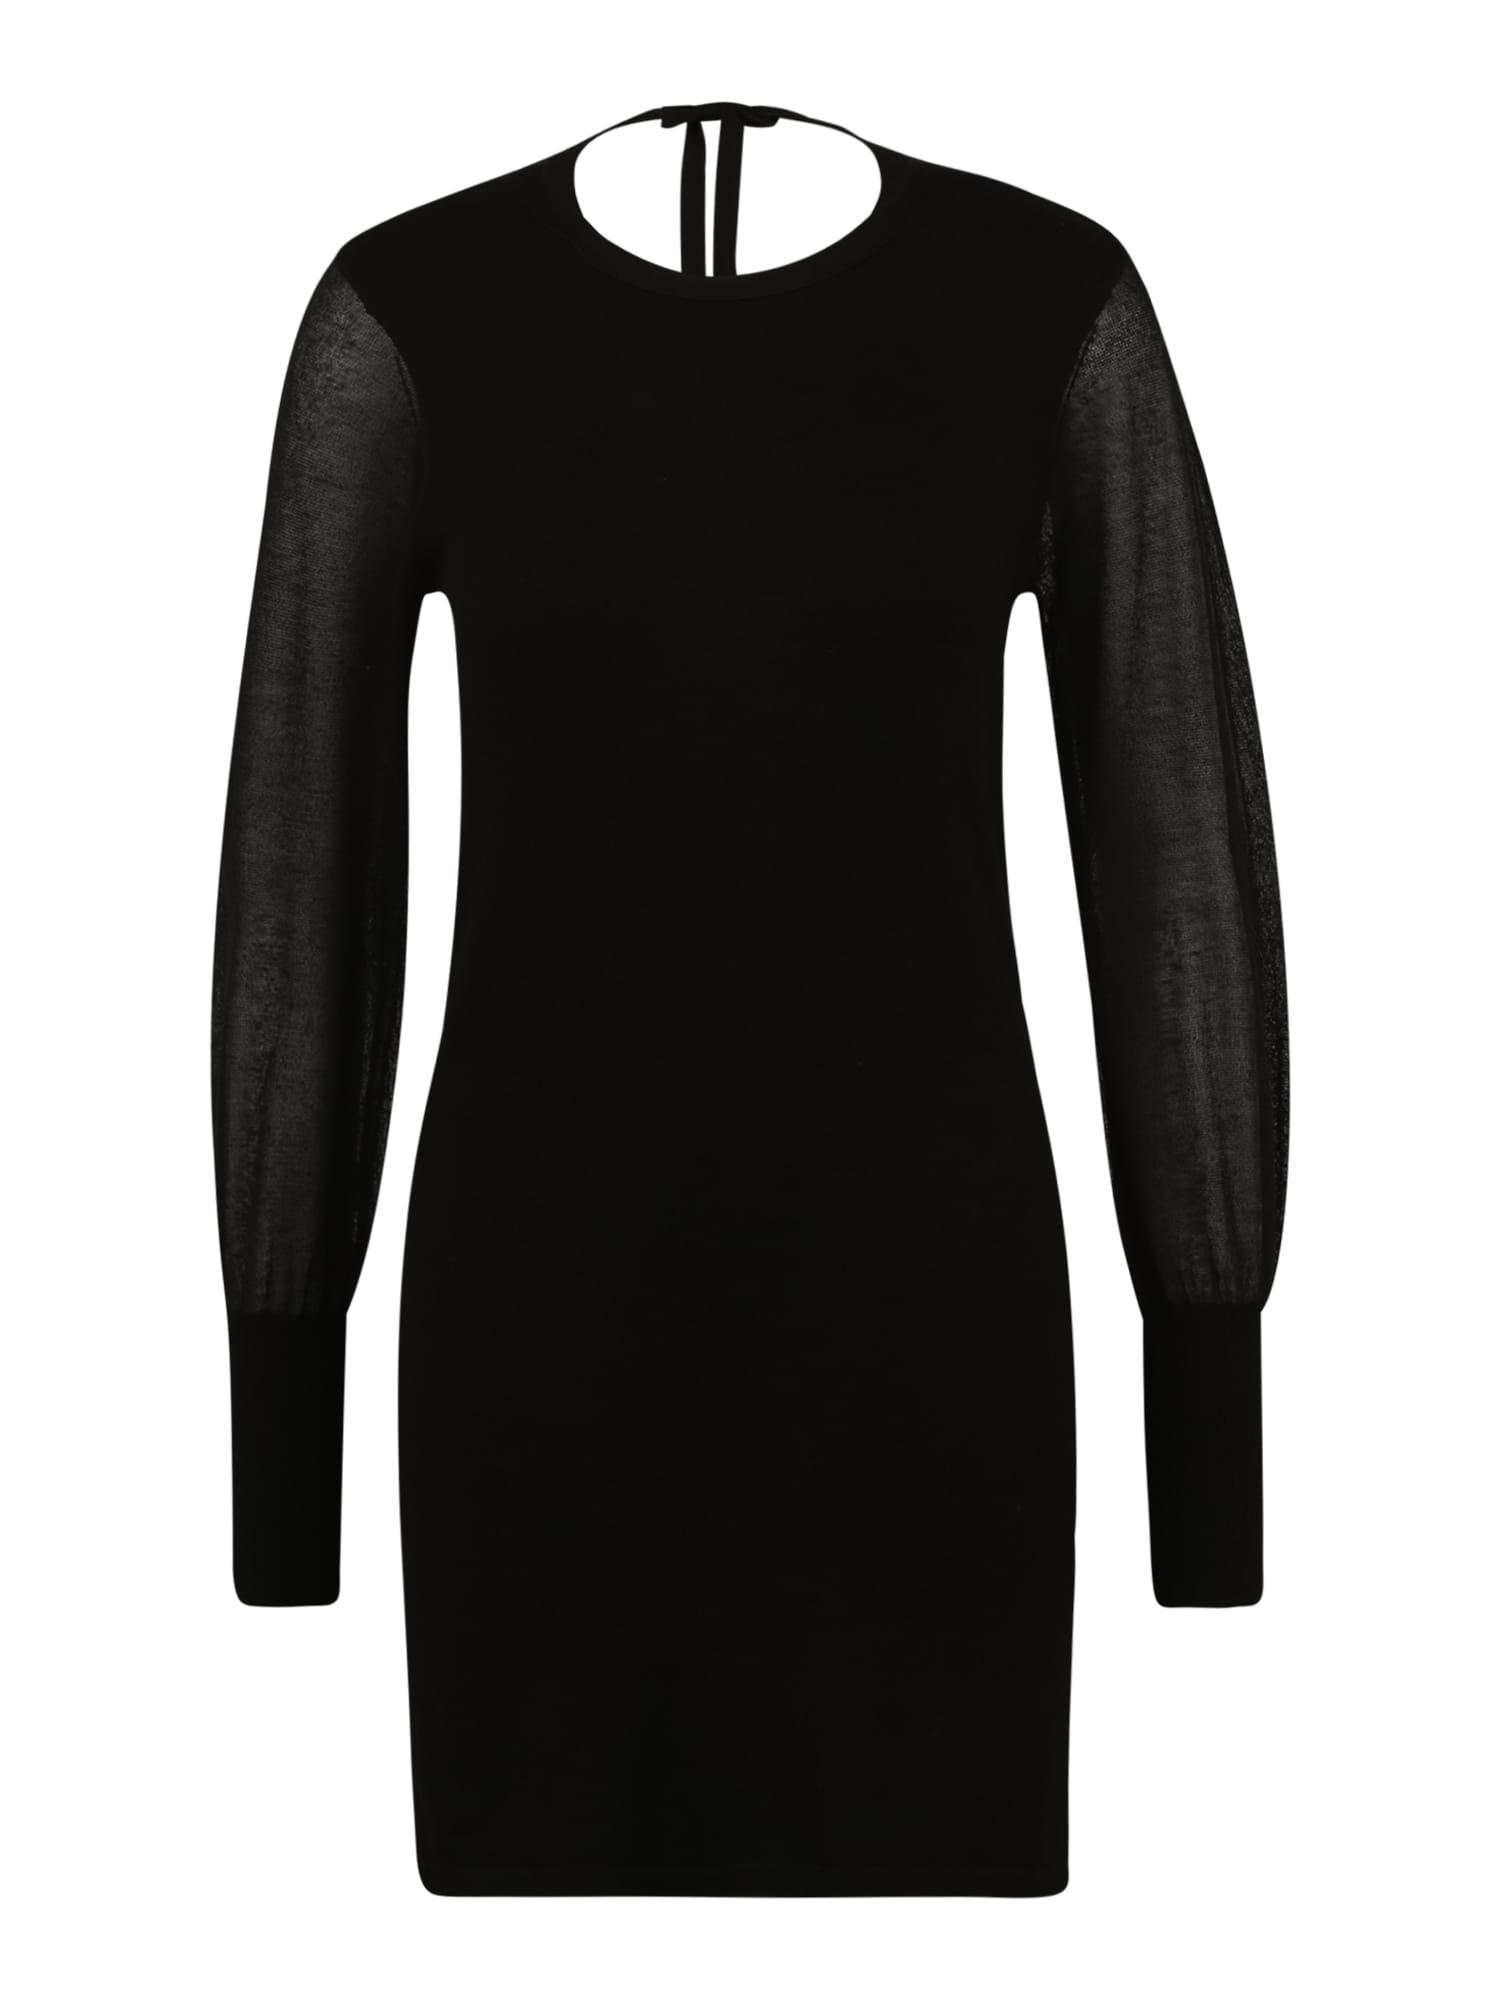 Vero Moda Petite Suknelė juoda